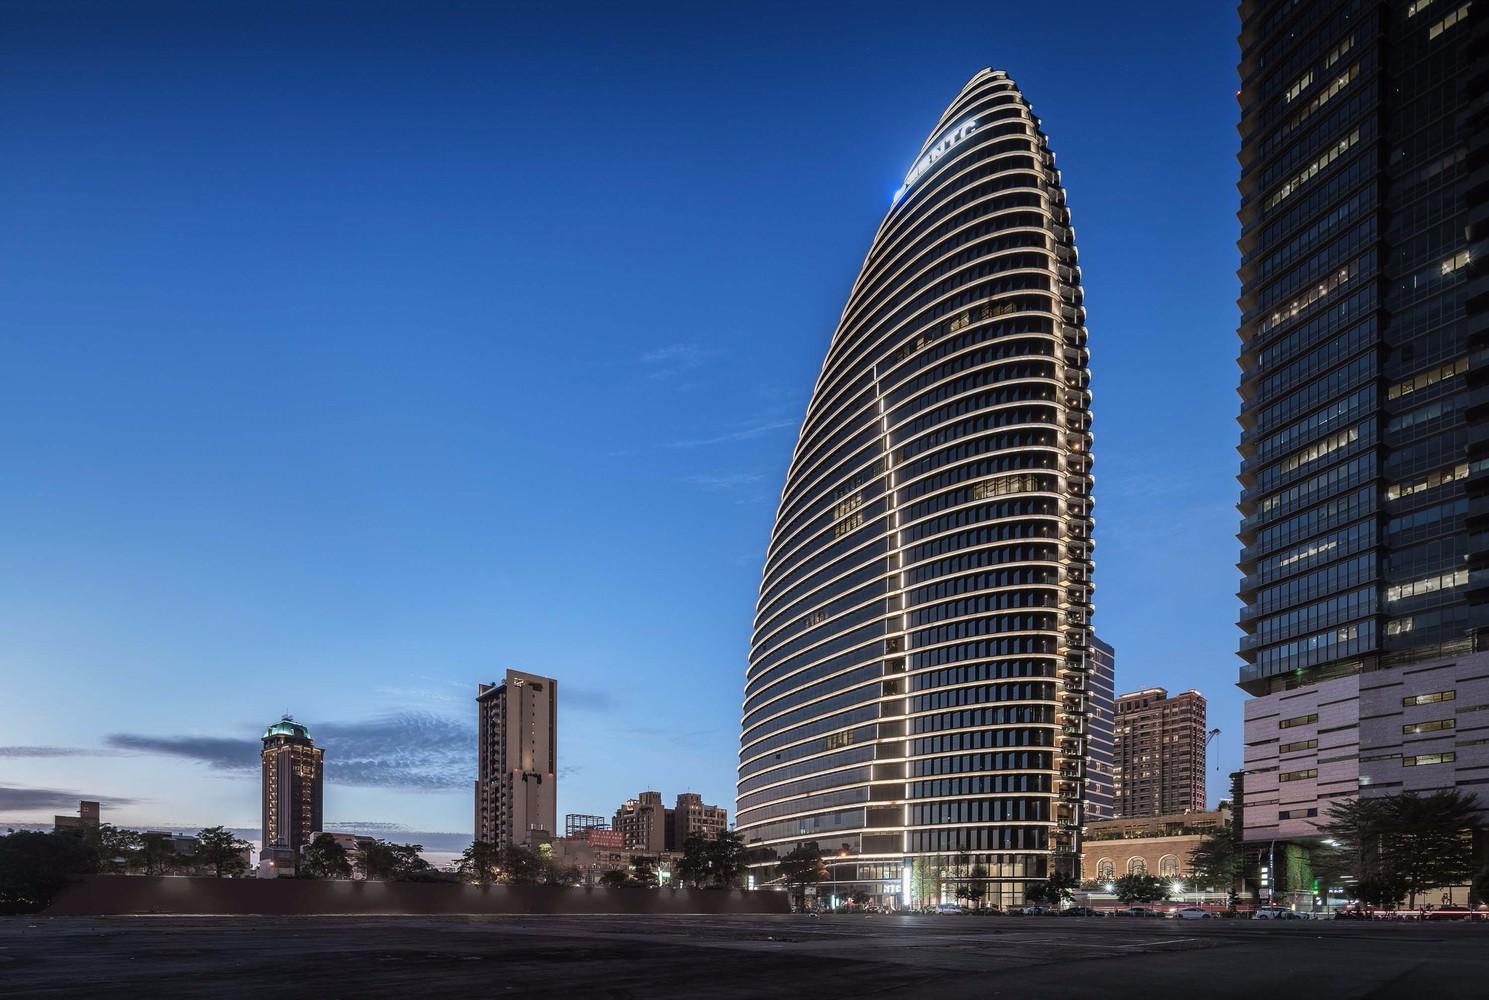 台湾NTC商贸中心建筑设计